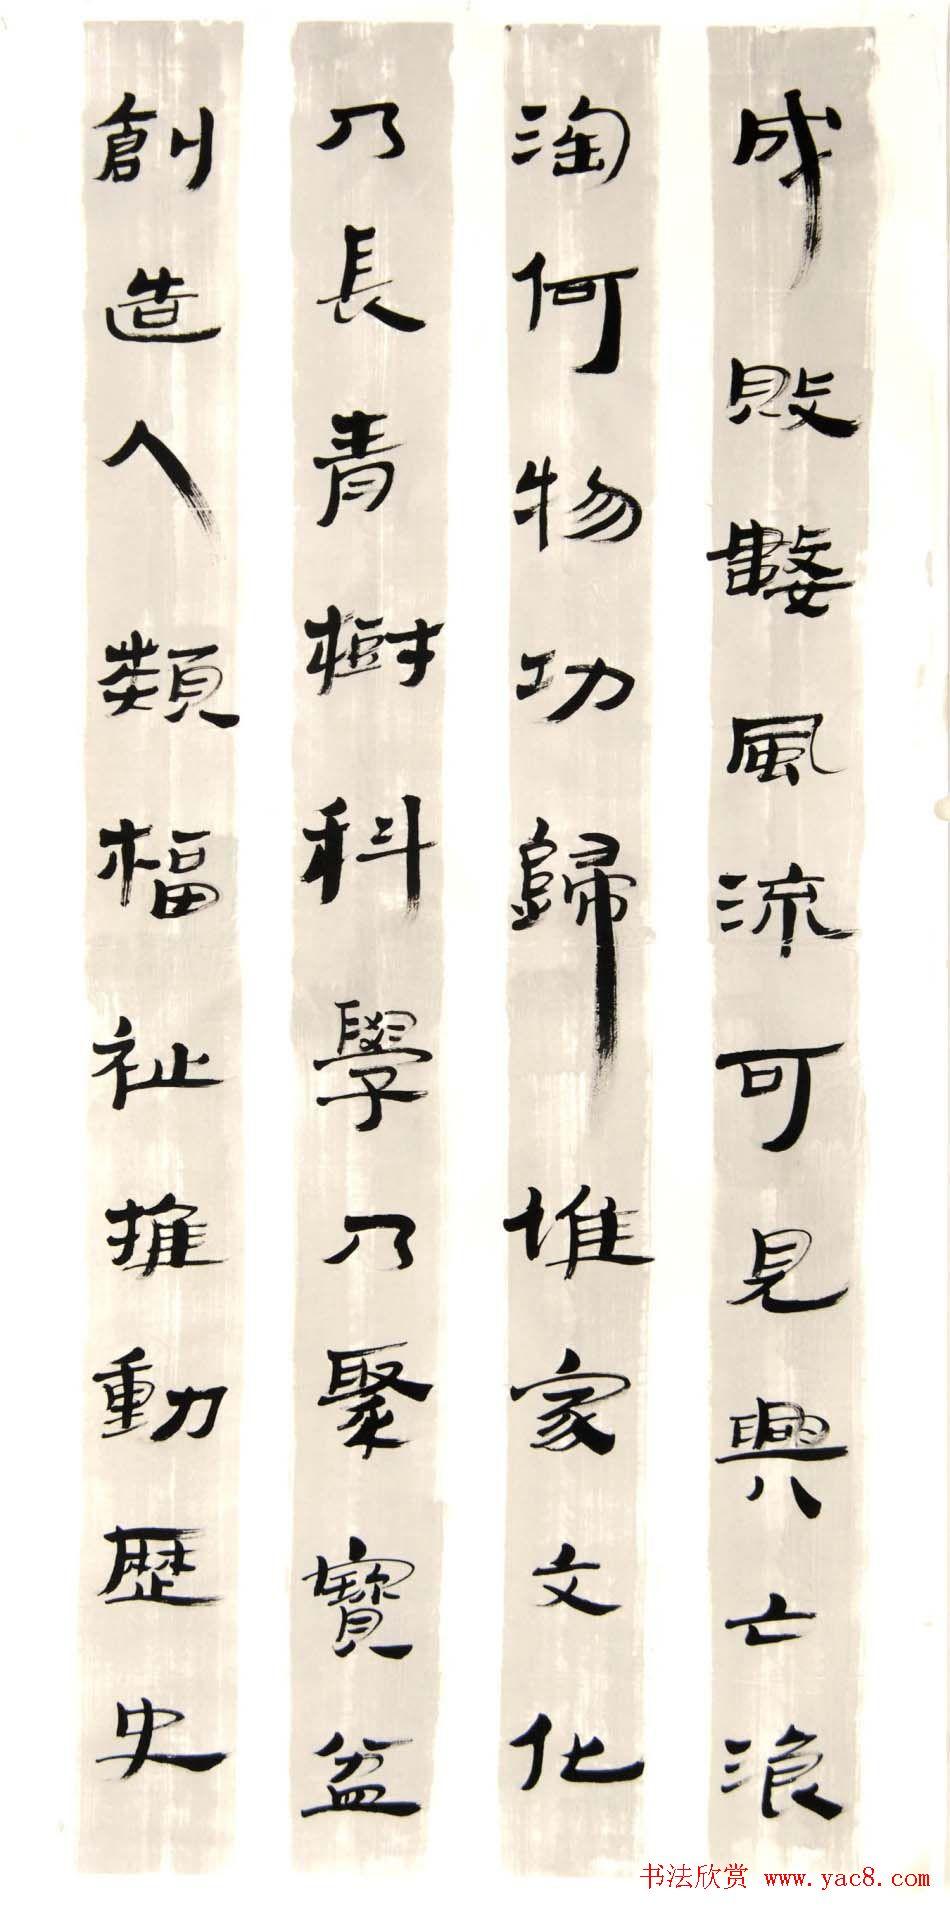 闫素之汉碑汉简书法作品欣赏 第18页 毛笔书法 书法欣赏